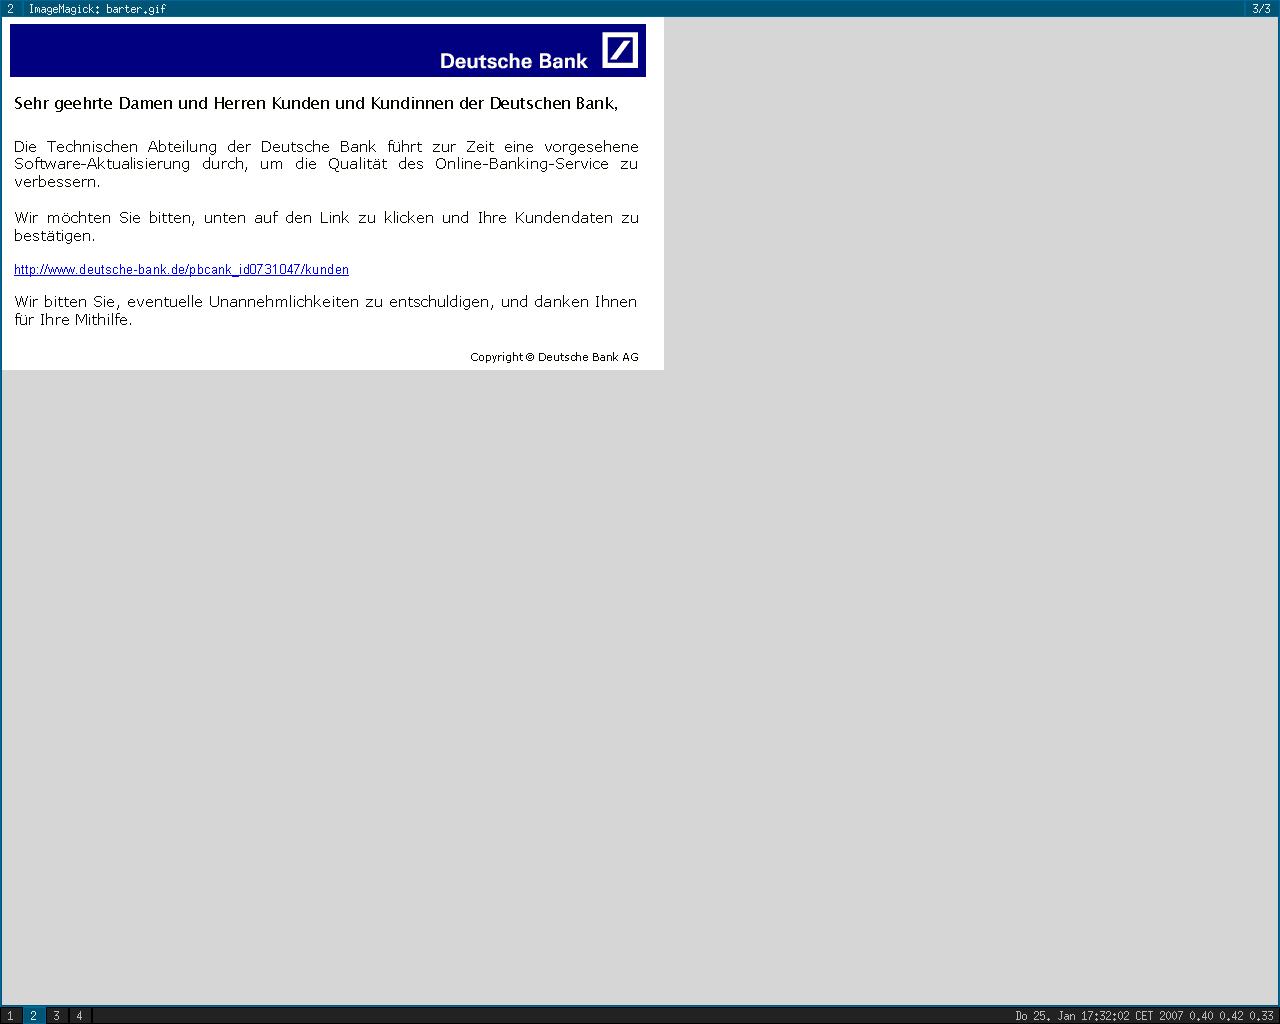 Deutsche Bank: Online-Banking | a-i3.org on